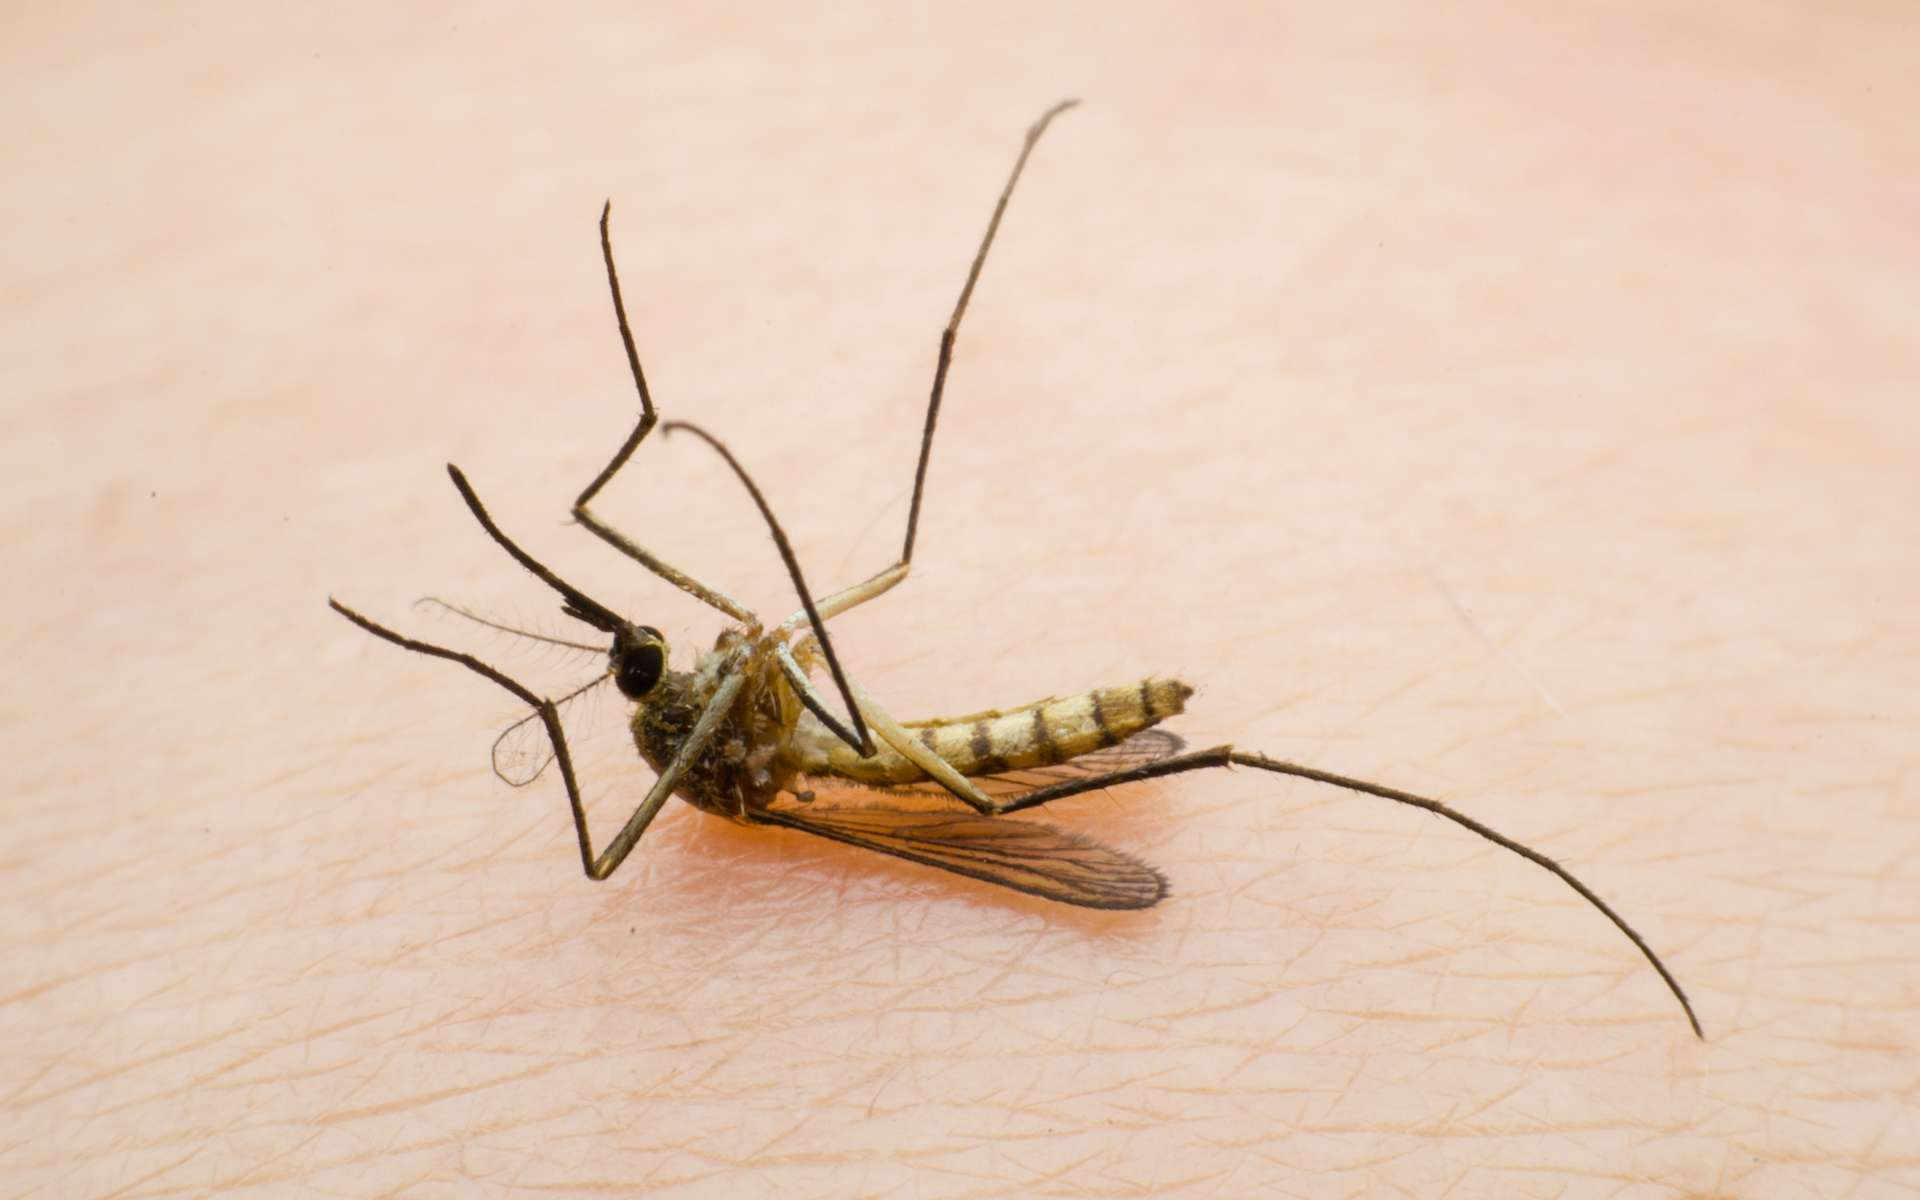 Les moustiques femelles disparaissent en quelques générations. © Jeeranan, Adobe Stock